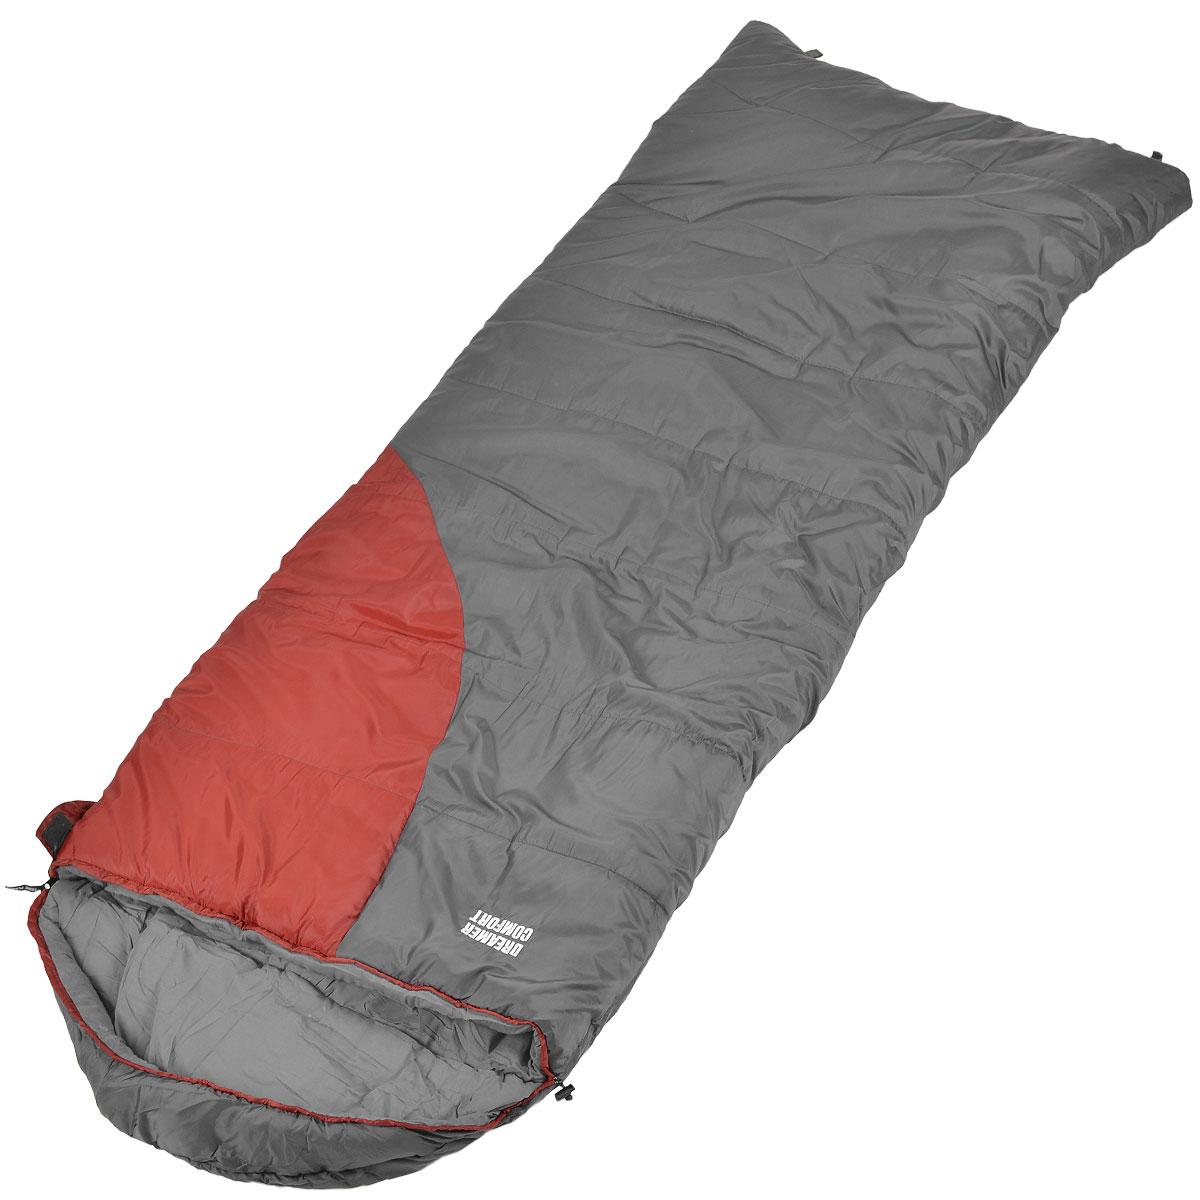 Спальник Trek Planet Dreamer Comfort, левосторонняя молния, цвет: темно-серый, бордовый70390-LКомфортный, просторный и очень теплый 3-х сезонный спальник-одеяло с капюшоном Trek Planet Dreamer Comfort предназначен для походов и для отдыха на природе не только в летнее время, но и в прохладные дни весенне-осеннего периода. В теплое время спальный мешок можно использовать как одеяло (в том числе и дома). К несомненным достоинствам спальника можно отнести его повышенную комфортность и размер: спальник подойдет для крупных и высоких туристов, а теплый капюшон согреет в холодные ночи. Особенности спальника: - увеличенная ширина спальника, - глубокий теплый капюшон, - 7-канальный наполнитель Hollow Fiber, - усиленный полиэстер RipStop, - внутренний материал - мягкий поликоттон, - термоклапан вдоль молнии, - возможно состегивание спальников между собой (левая и правая молнии). К спальнику прилагается компрессионный чехол для удобного хранения и переноски. t° комфорт: 1°C. t° лимит комфорта: -7°C. t° экстрим:...